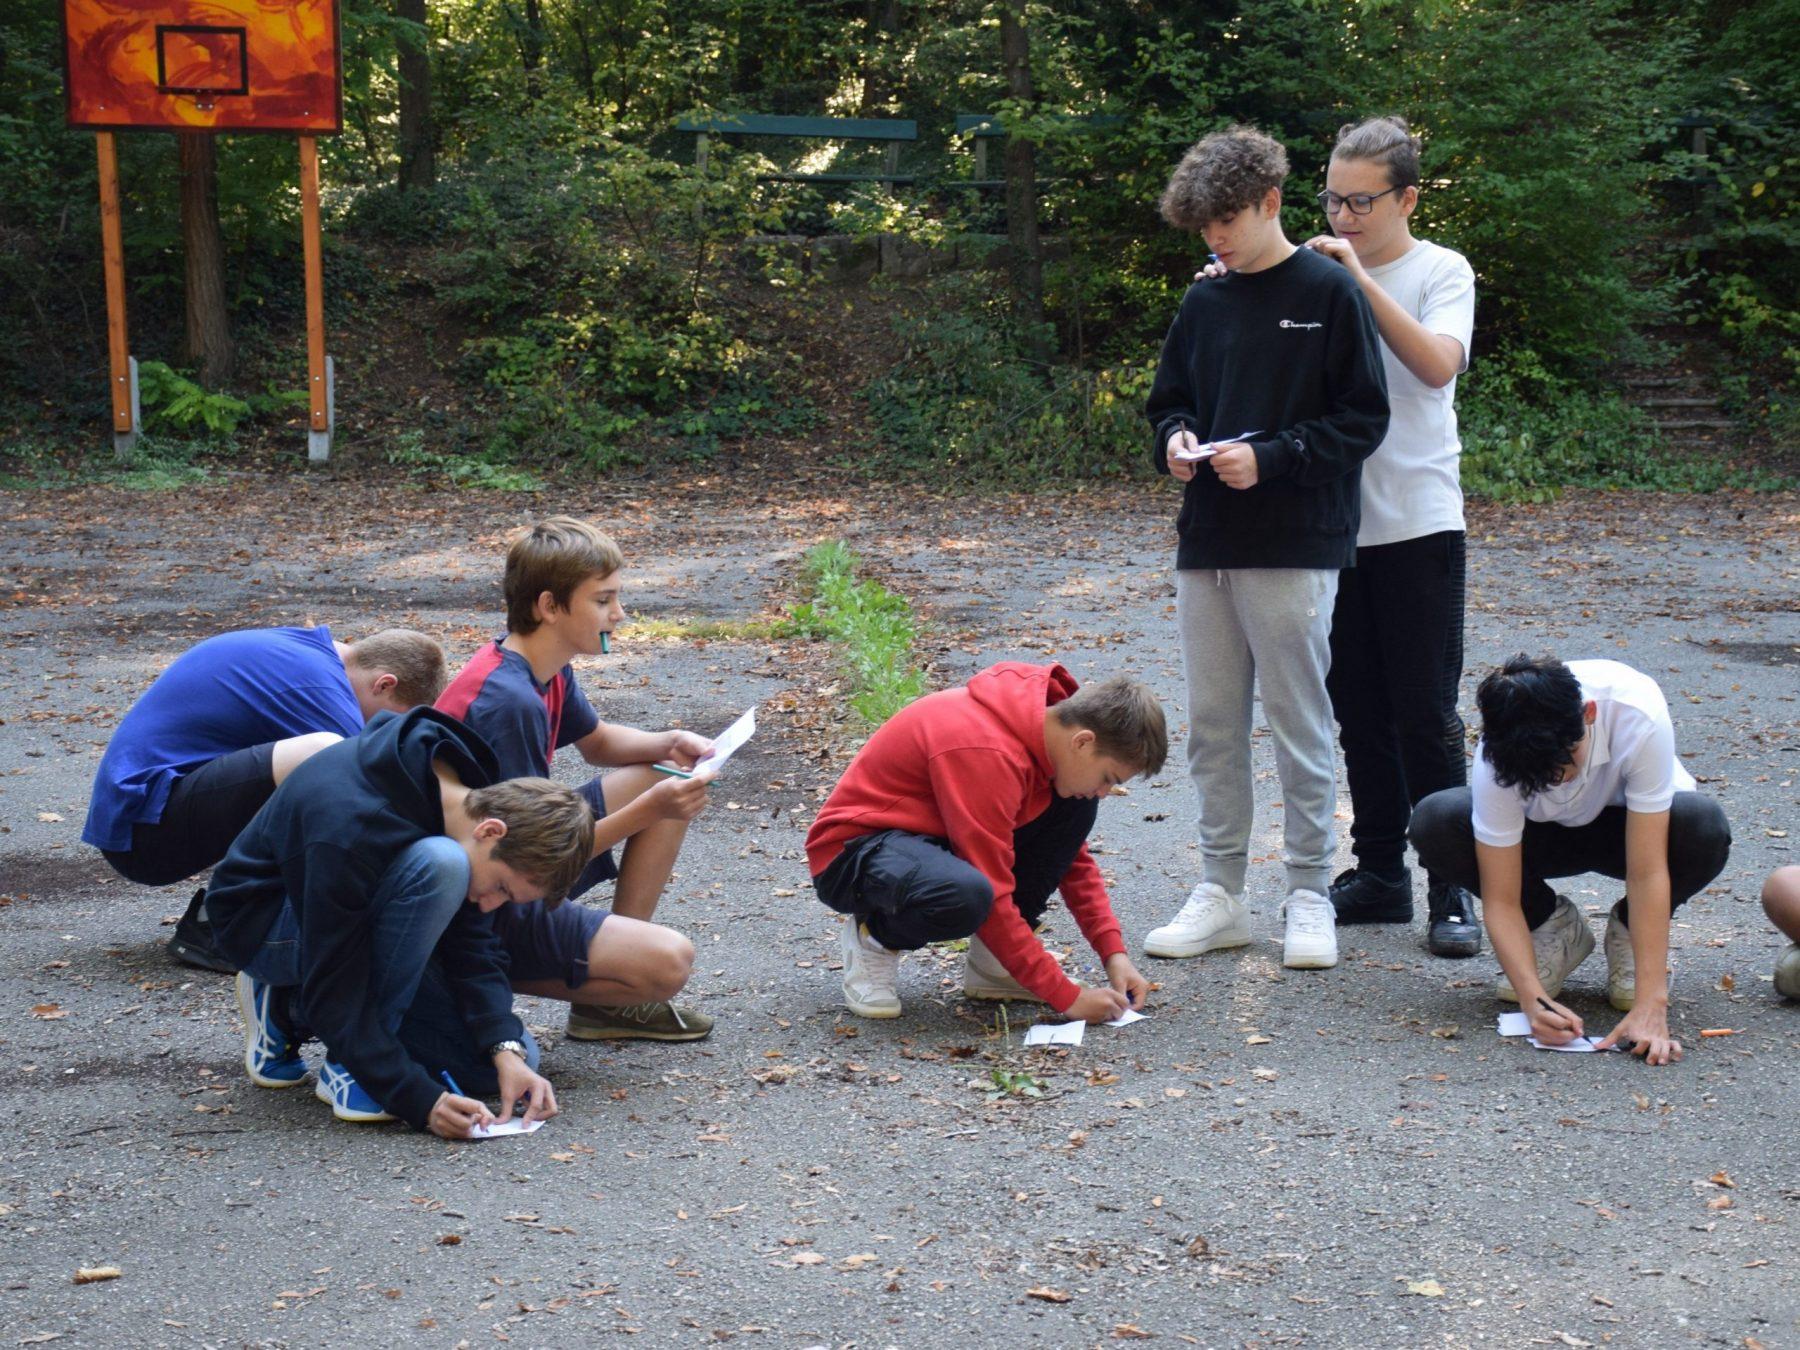 Kennenlerntag Kennenlernen in der Klasse Projekttage Projektwochen Schullandwochen Schulprojektwochen Freispiel Doris Poetscher Hasslinger